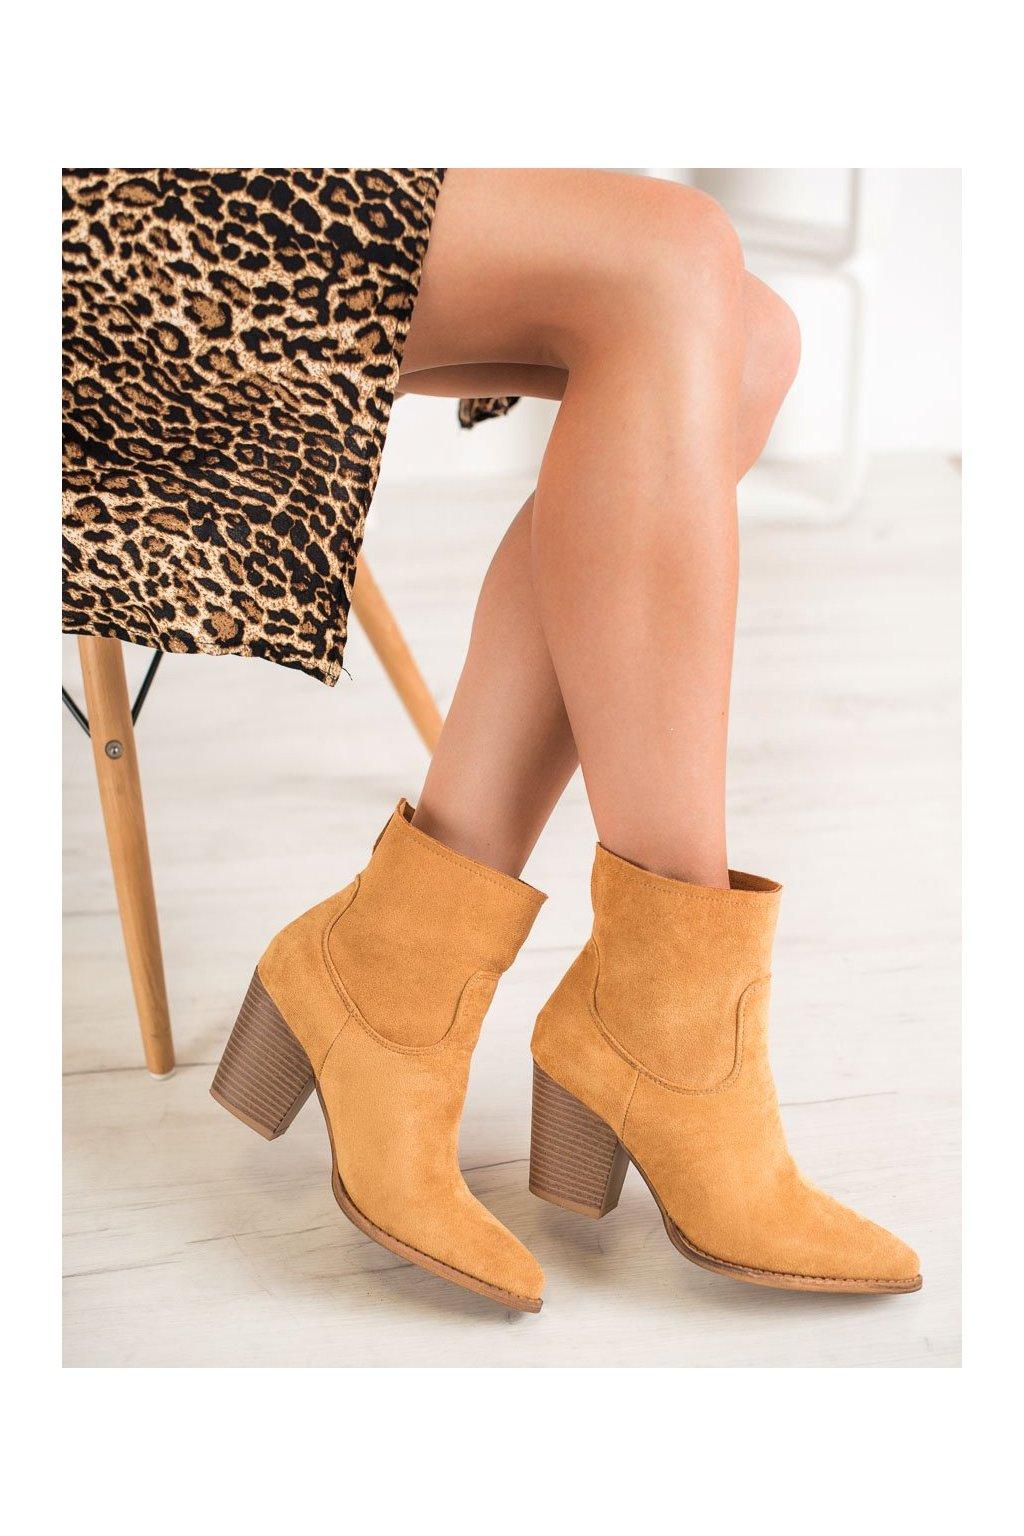 Hnedé dámske topánky Seastar kod ZE02C